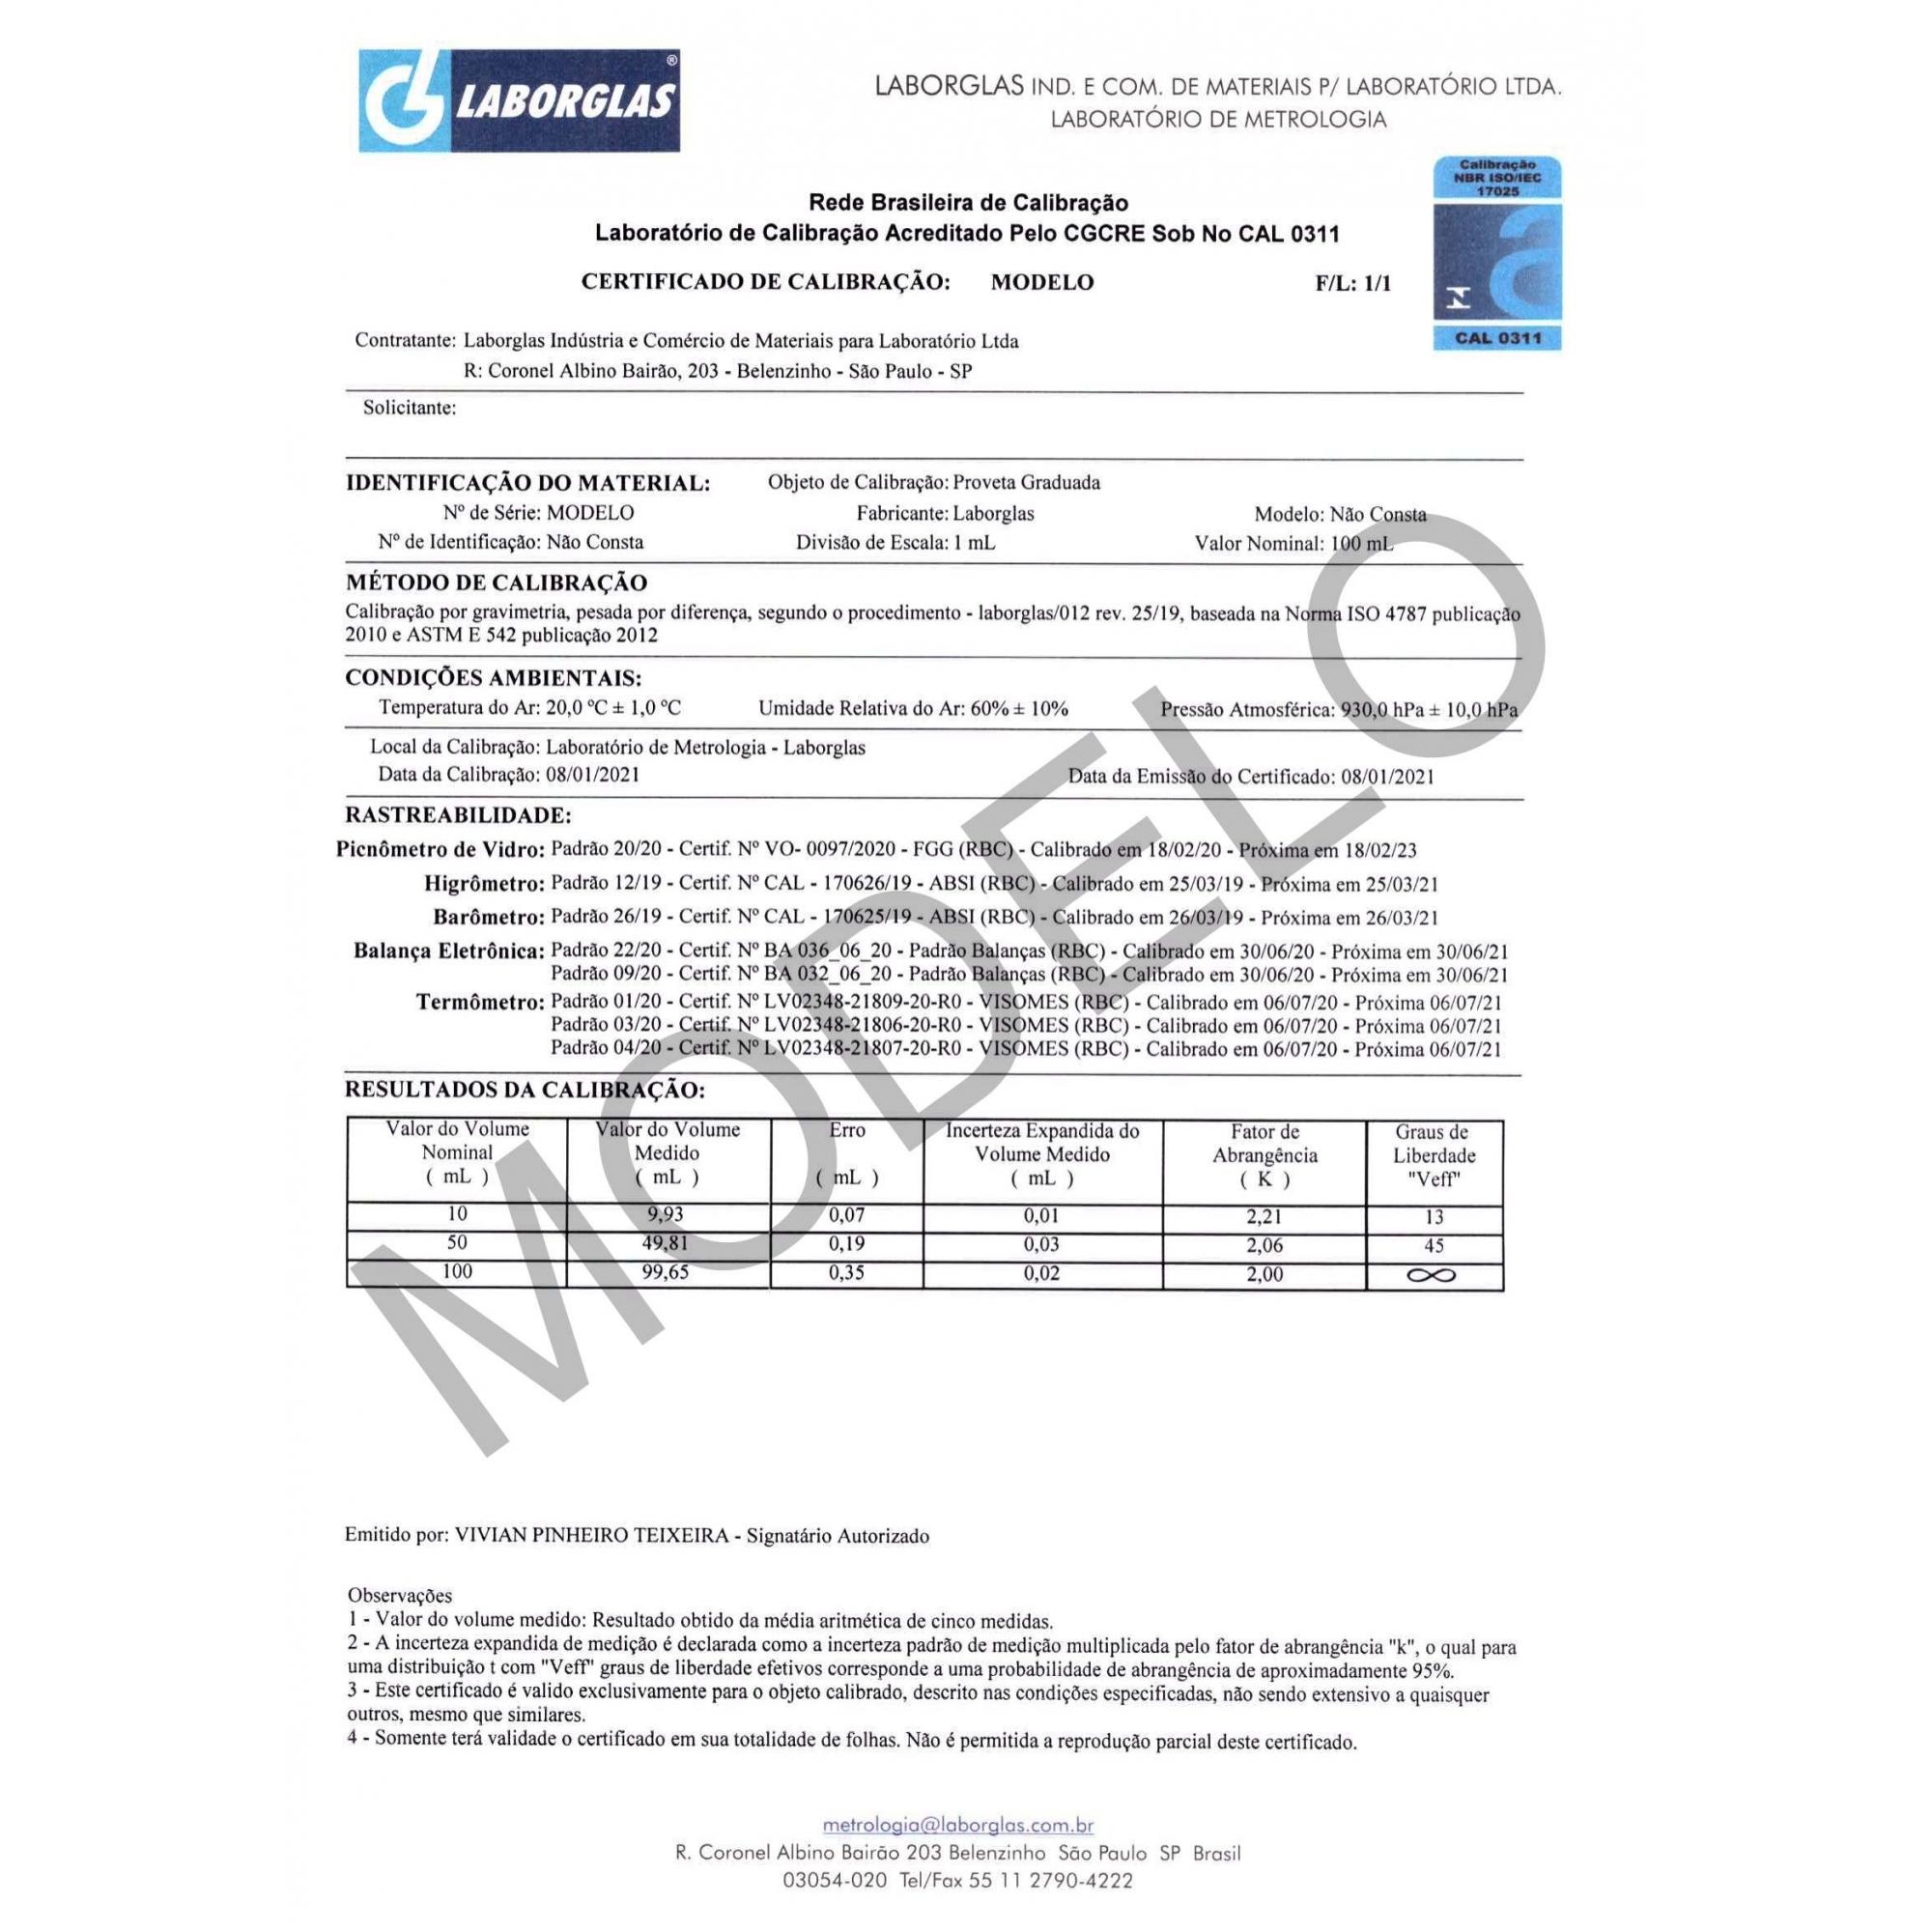 PROVETA GRADUADA BASE HEXAGONAL DE VIDRO 10 ML CERTIFICADO RBC - Laborglas - Cód. 9139608-R